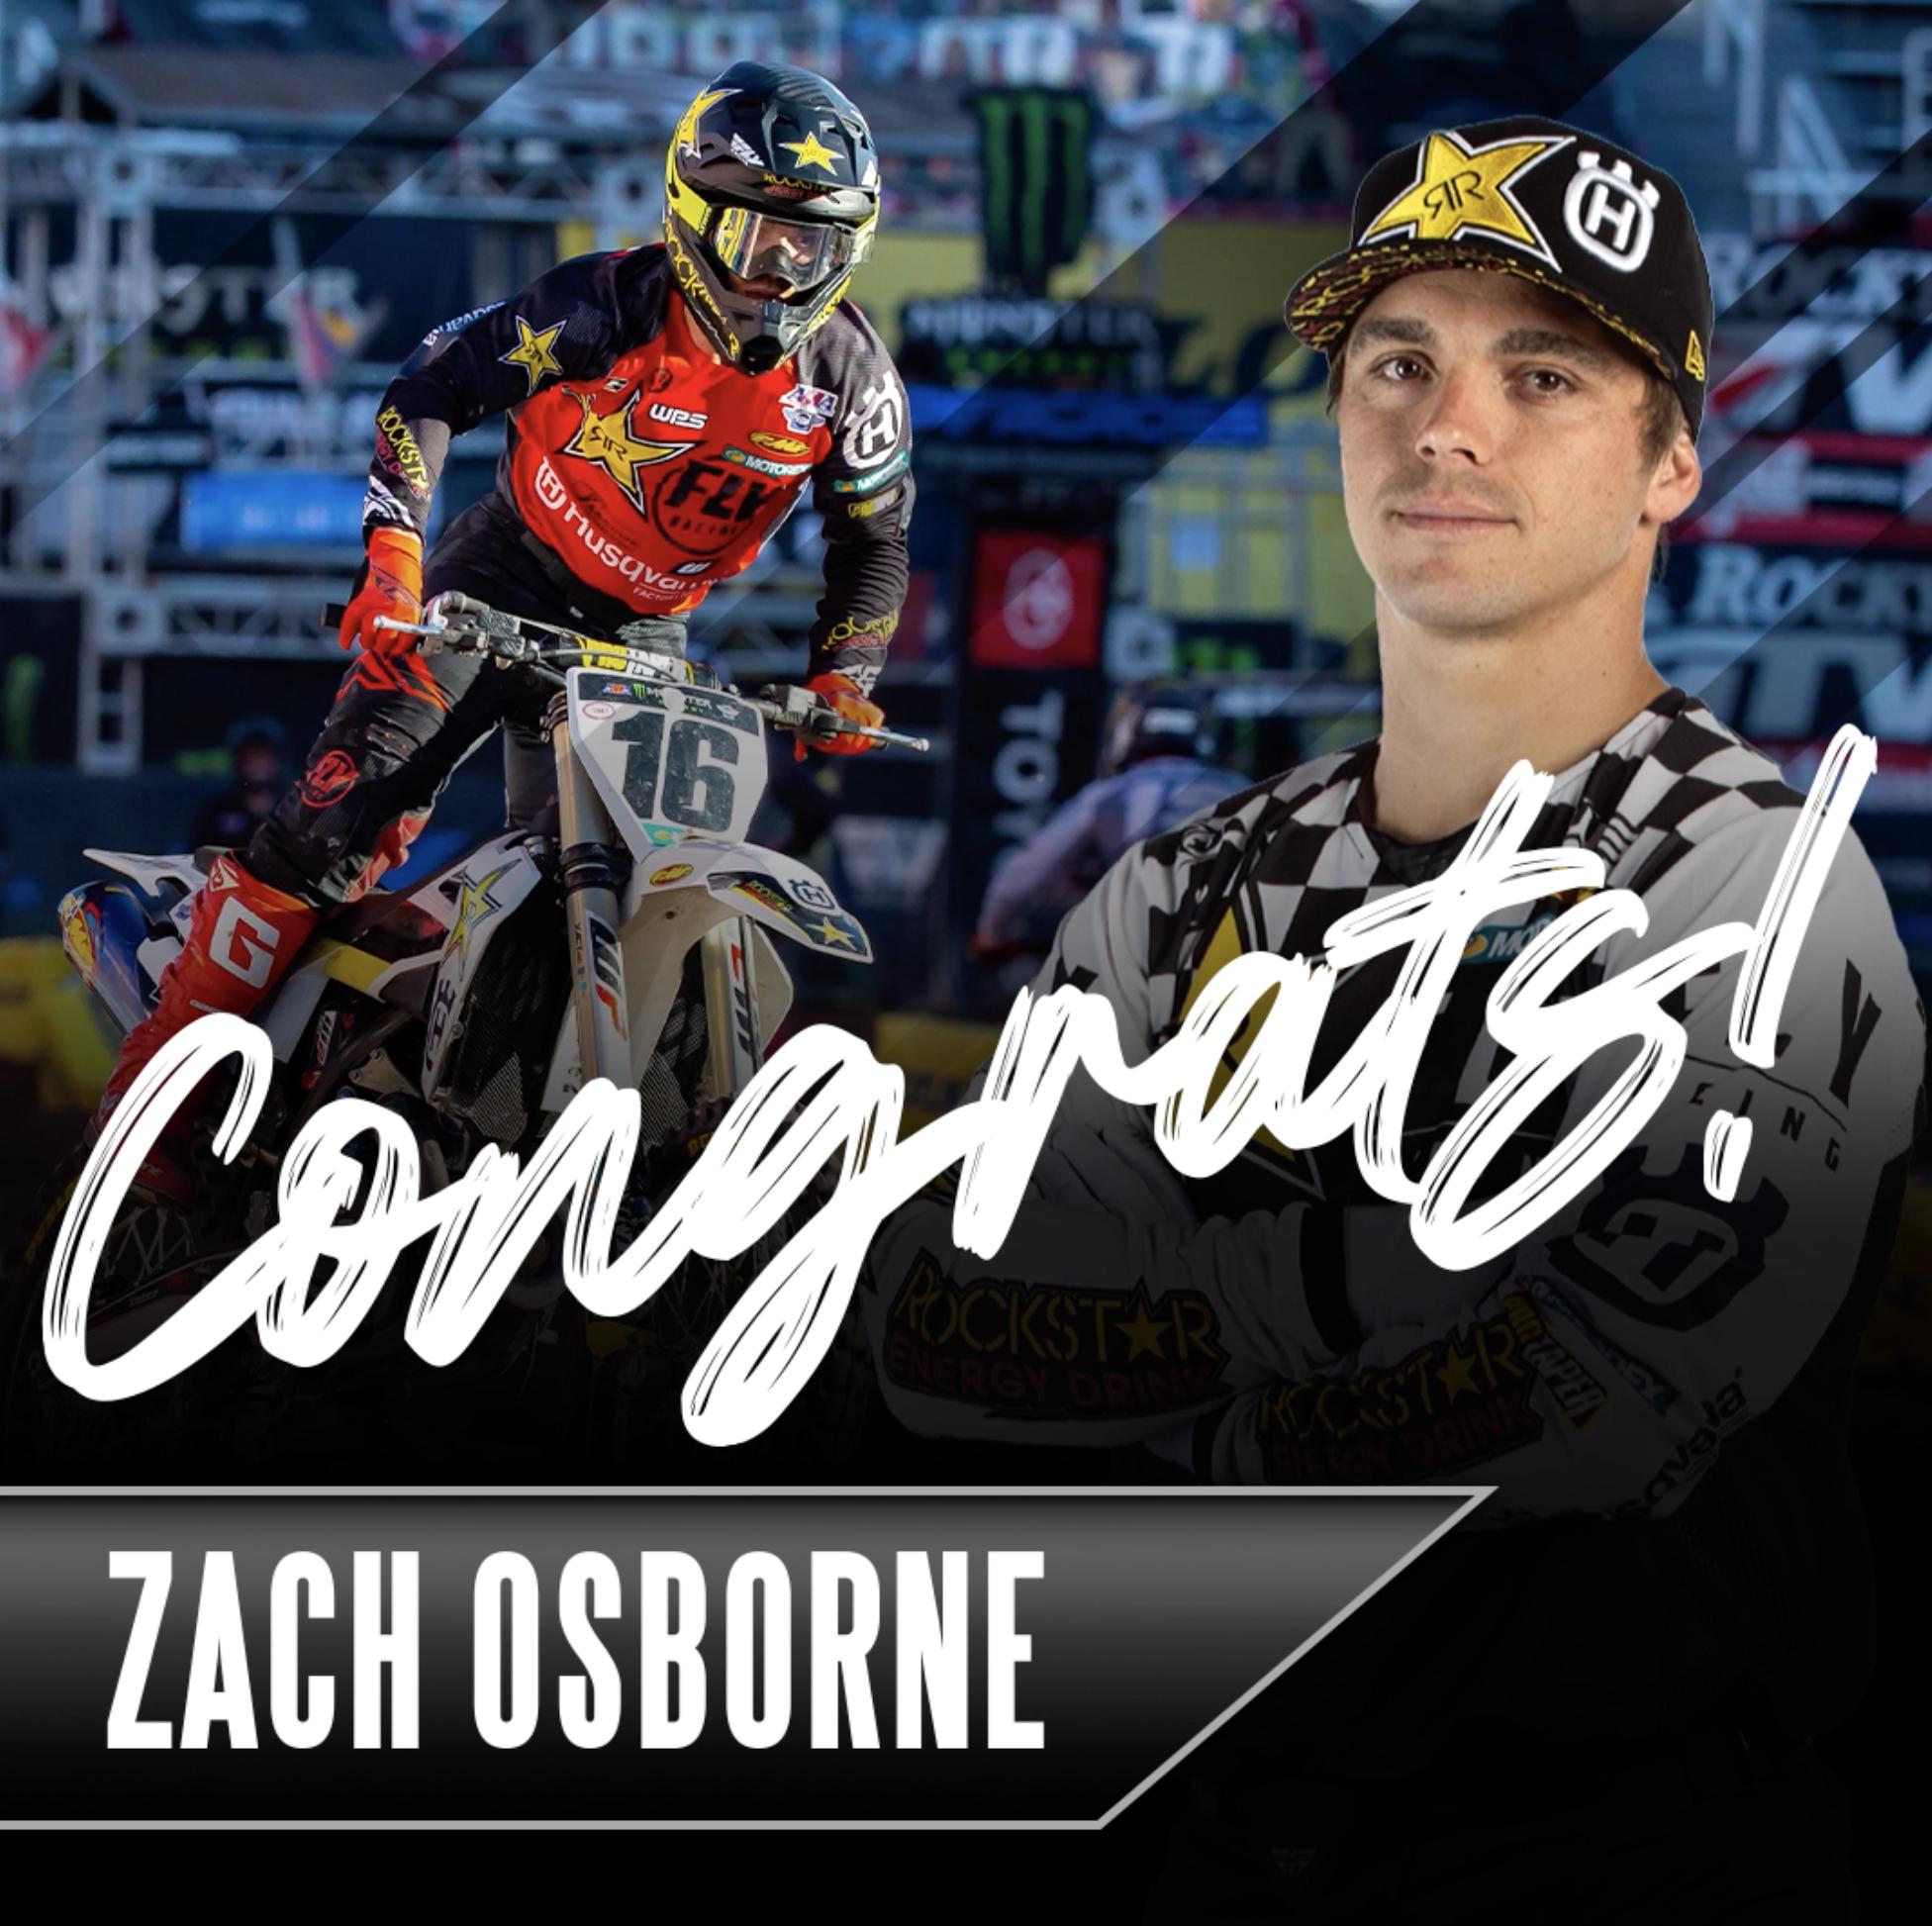 Zach Osborne